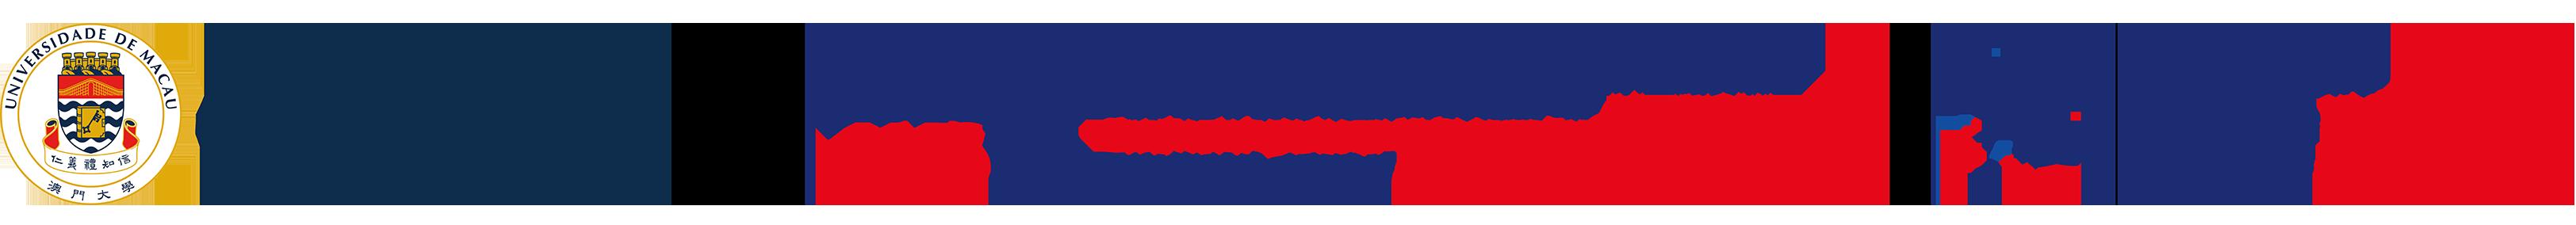 University of Macau | State Key Laboratory of Analog and Mixed-Signal VLSI Logo